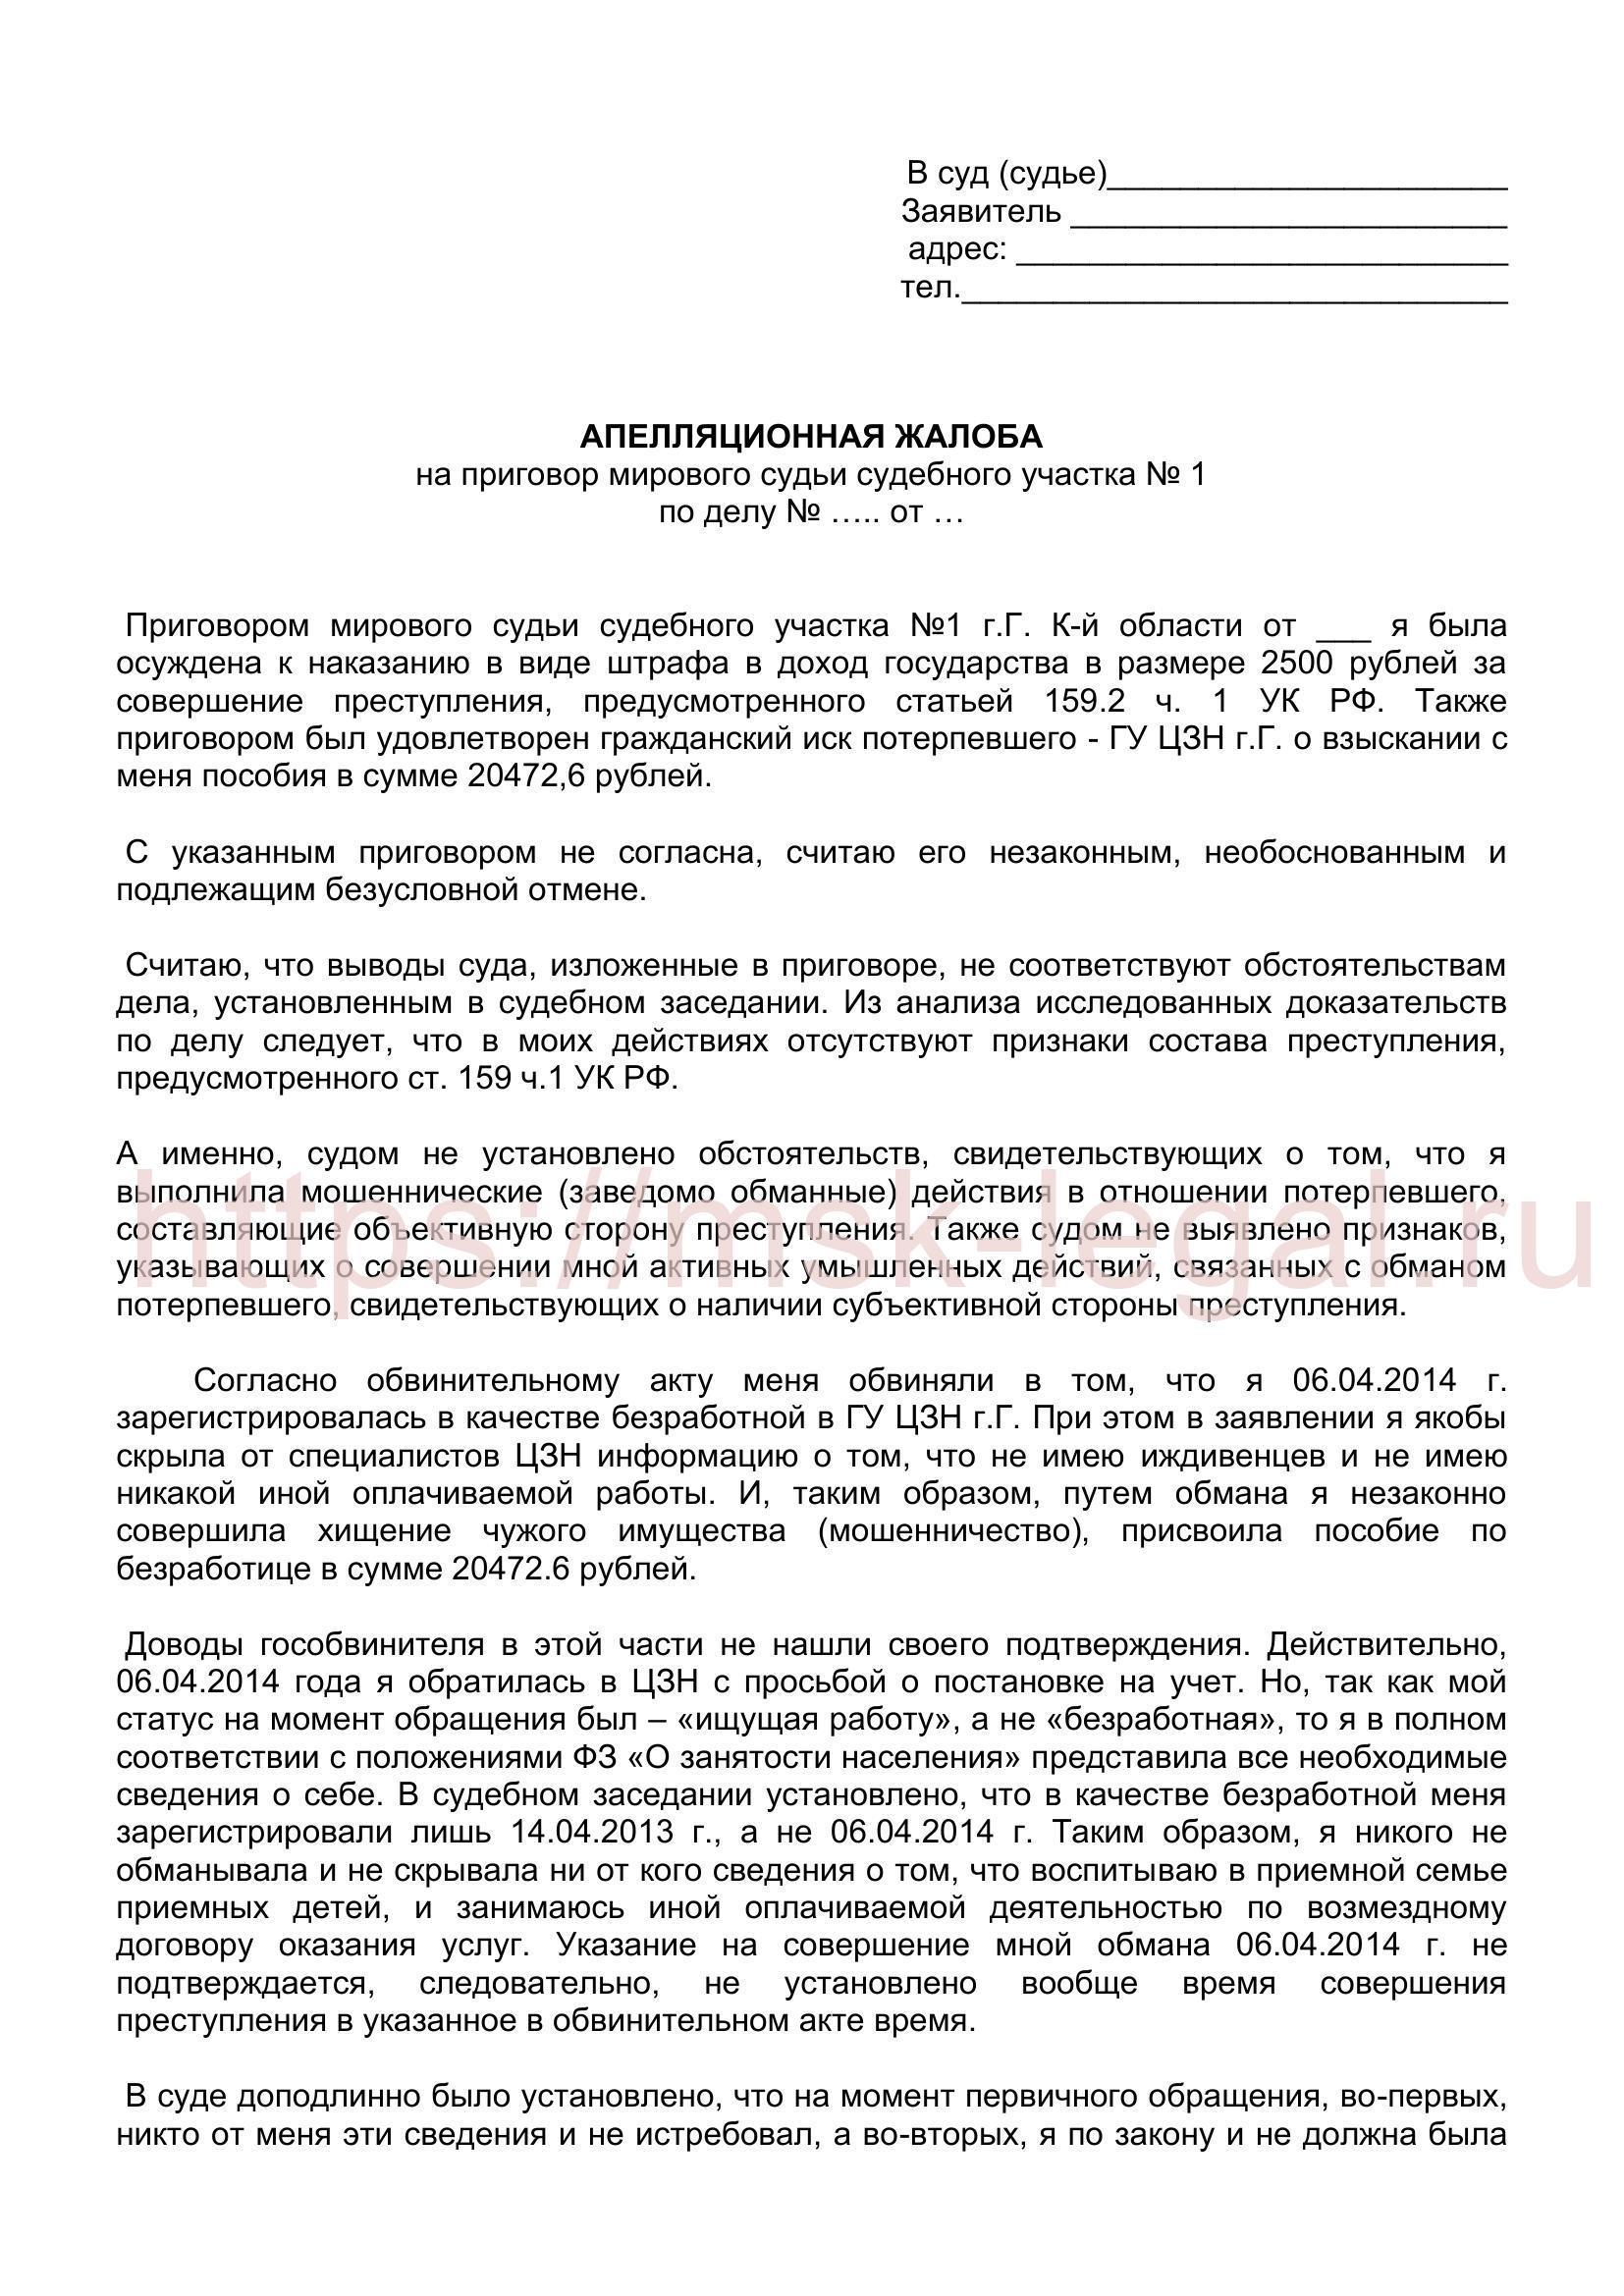 Жалоба на приговор мирового судьи по ст. 159 УК РФ